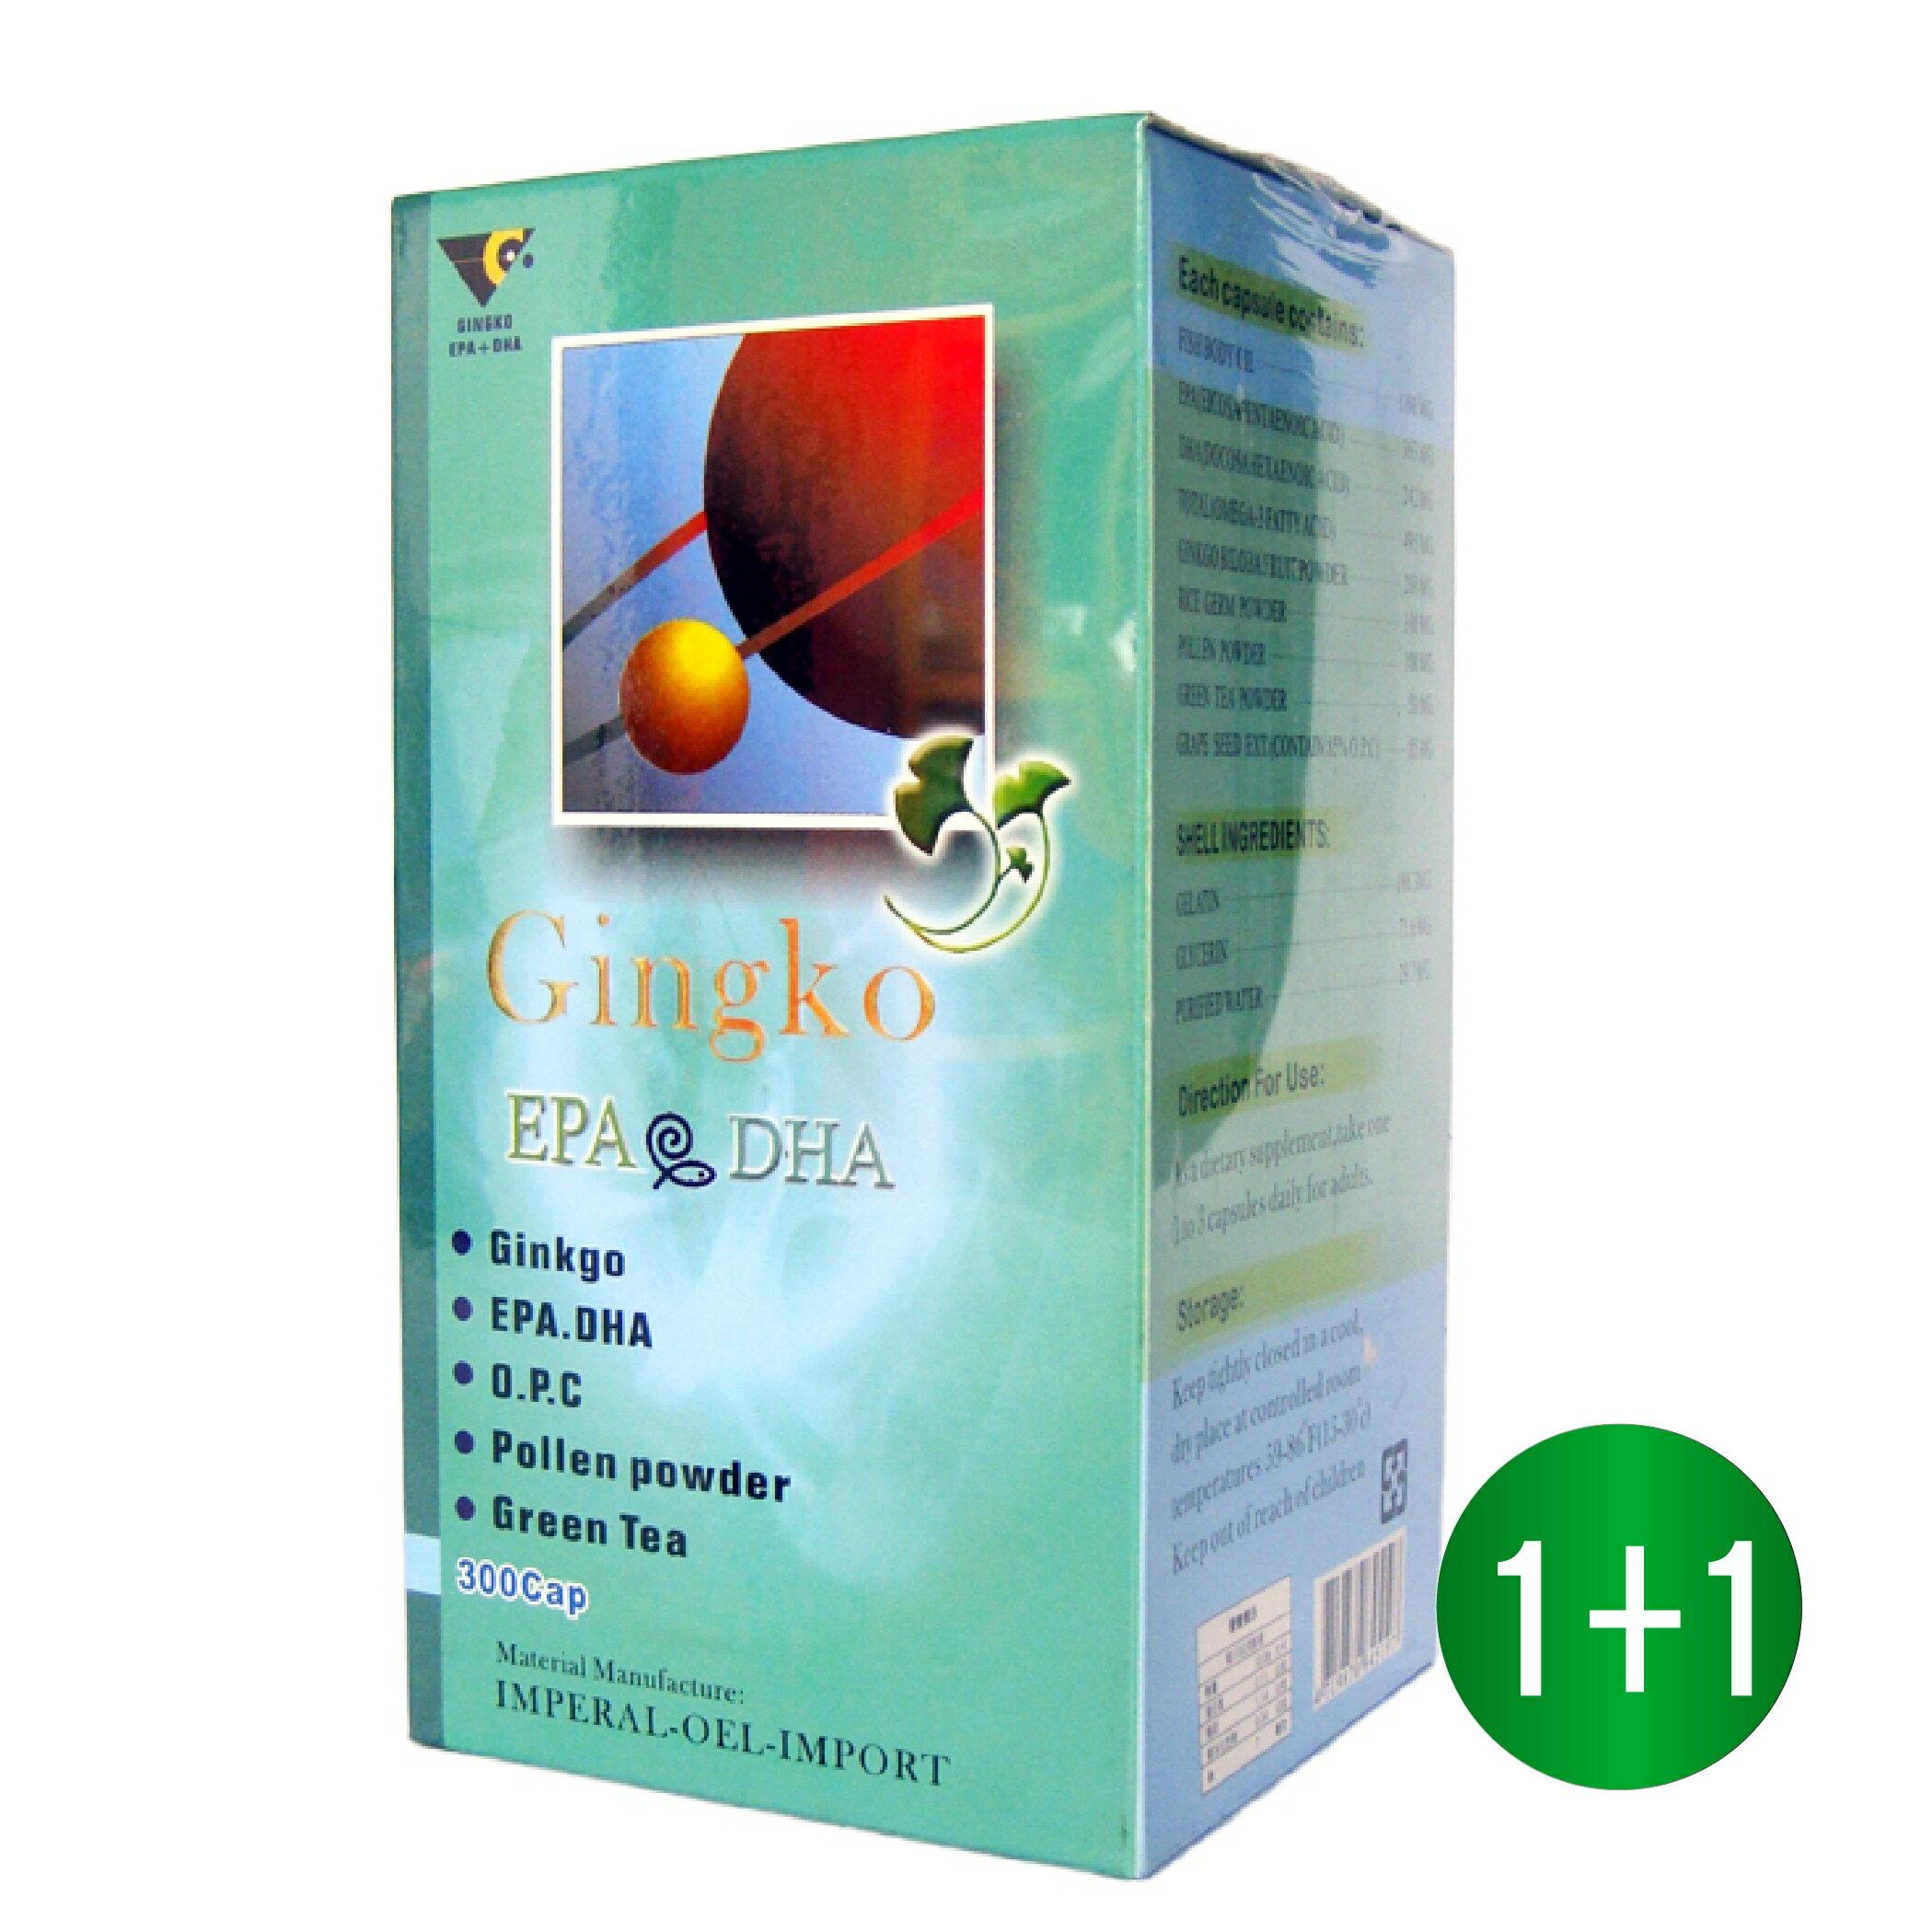 ※利清素銀杏EPA 買大送小300粒送60粒 魚油 EPA DHA Omega-3 卵磷脂 葡萄籽